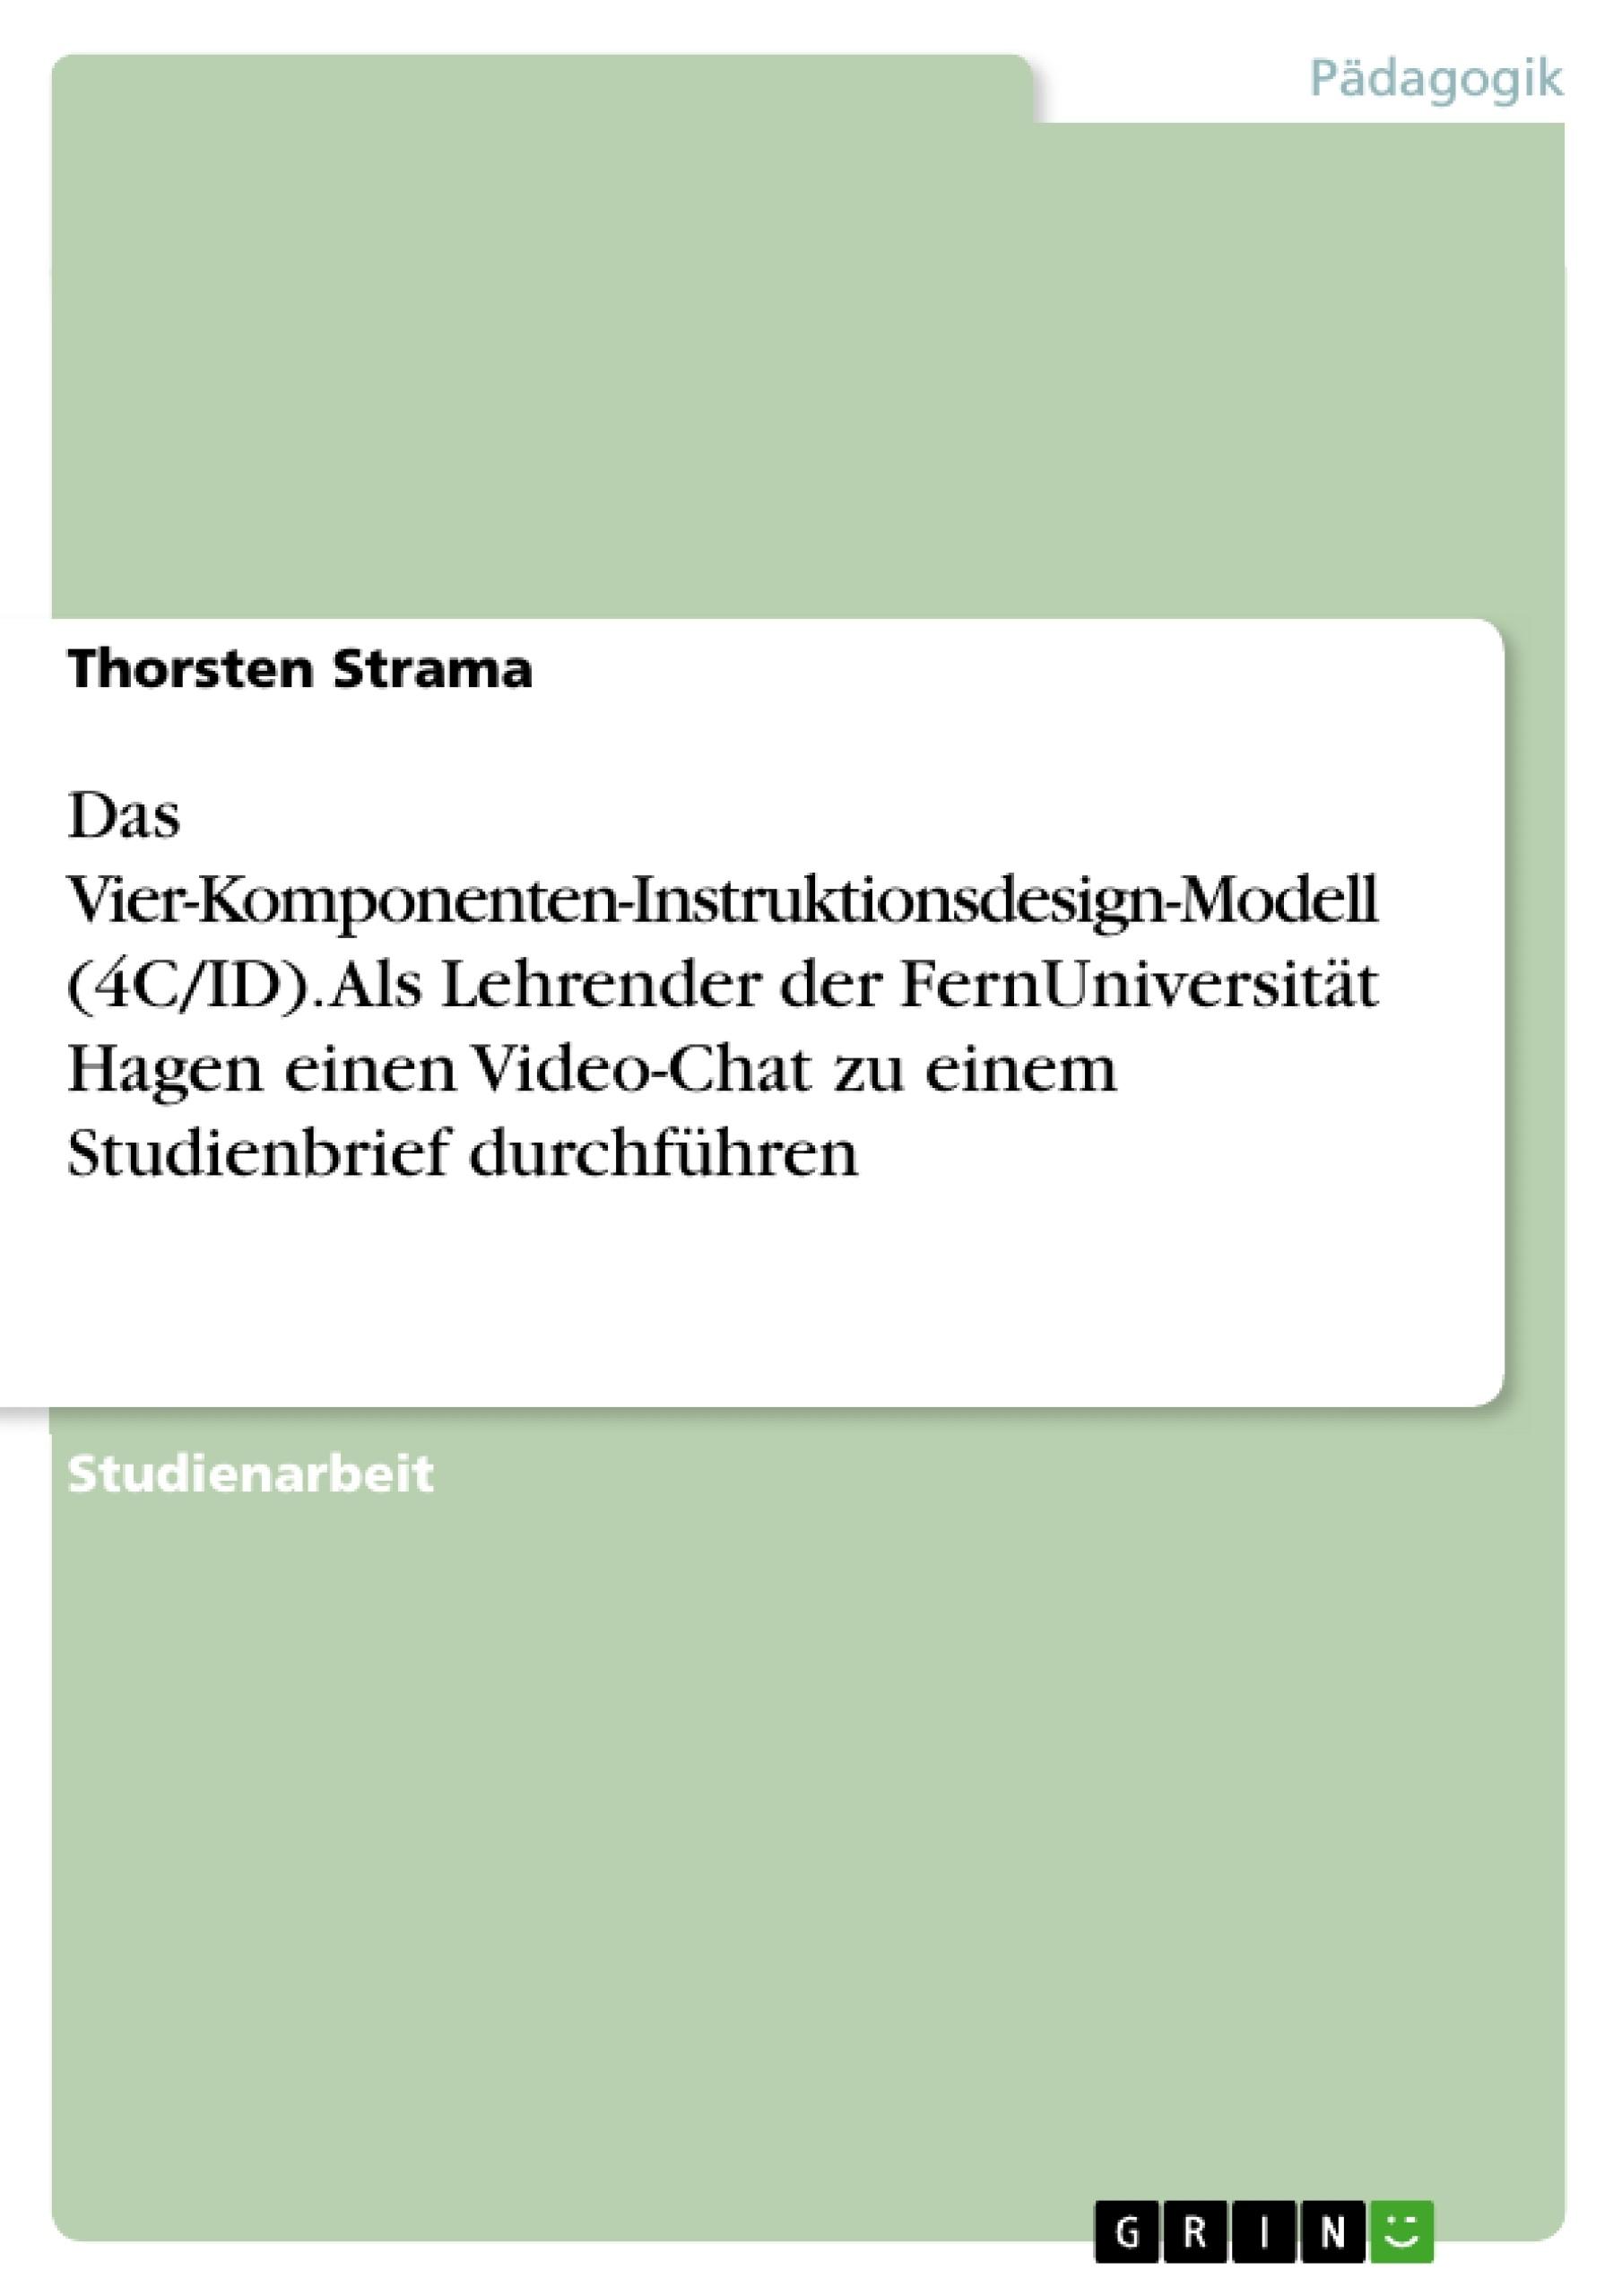 Titel: Das Vier-Komponenten-Instruktionsdesign-Modell (4C/ID). Als Lehrender der FernUniversität Hagen einen Video-Chat zu einem Studienbrief durchführen